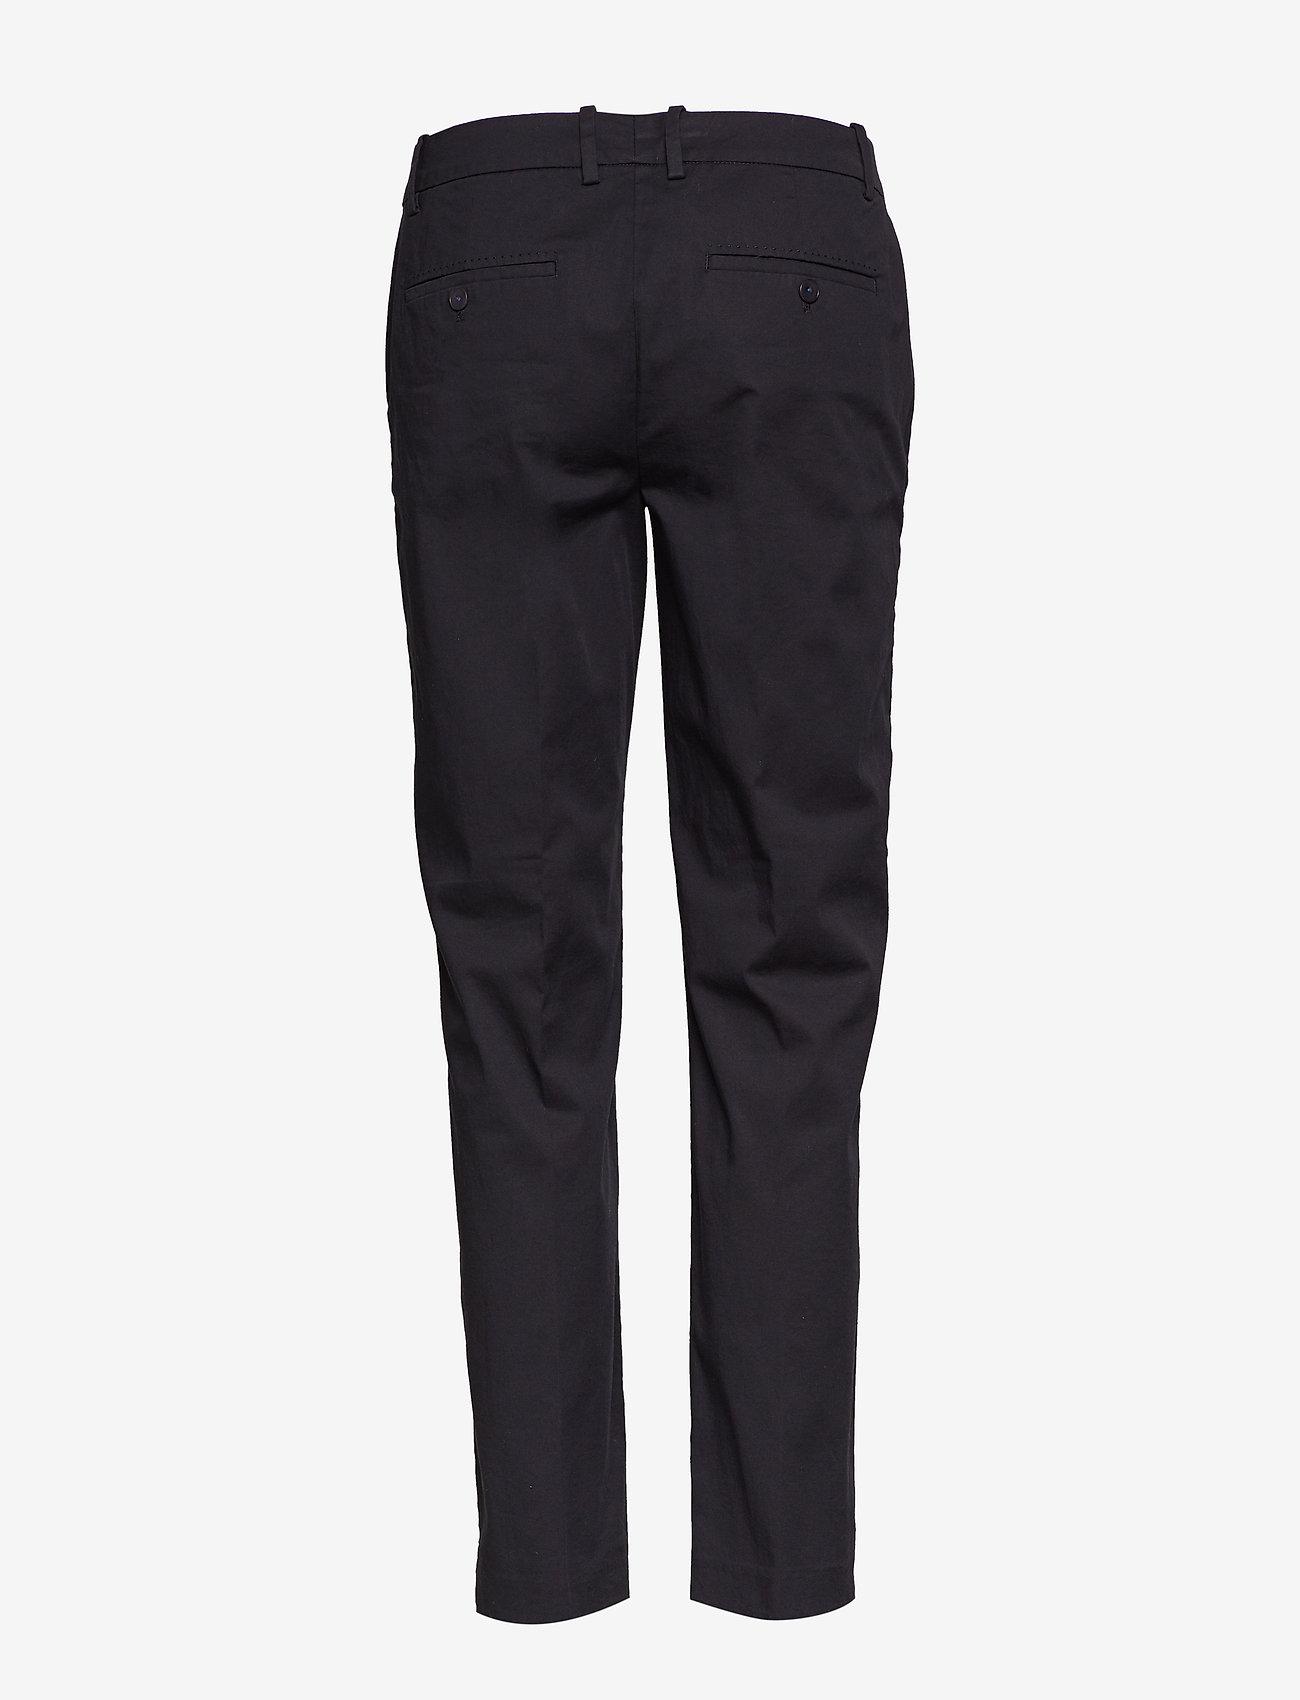 Woven Pants (Black) (936.75 kr) - Marc O'Polo